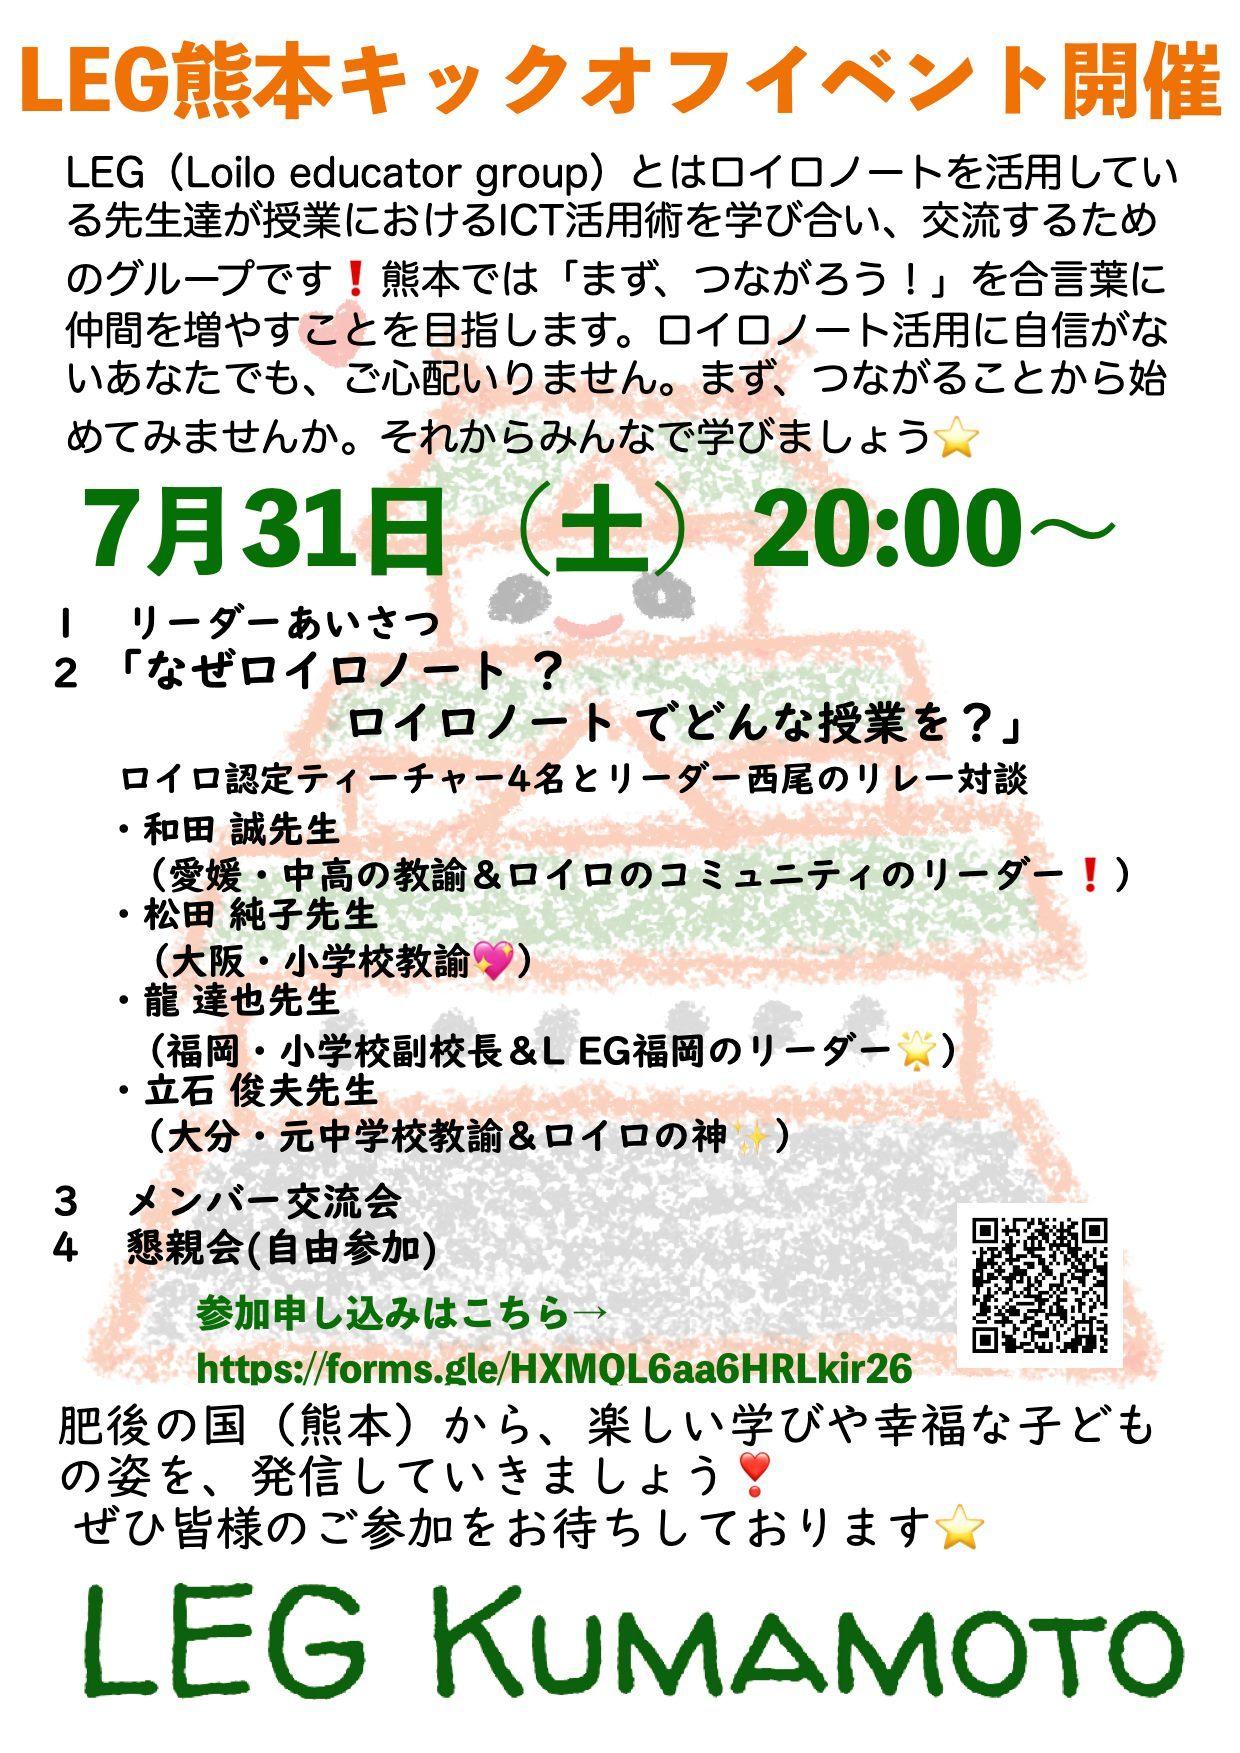 LEG熊本キックオフ報告_c0052304_04463779.jpg